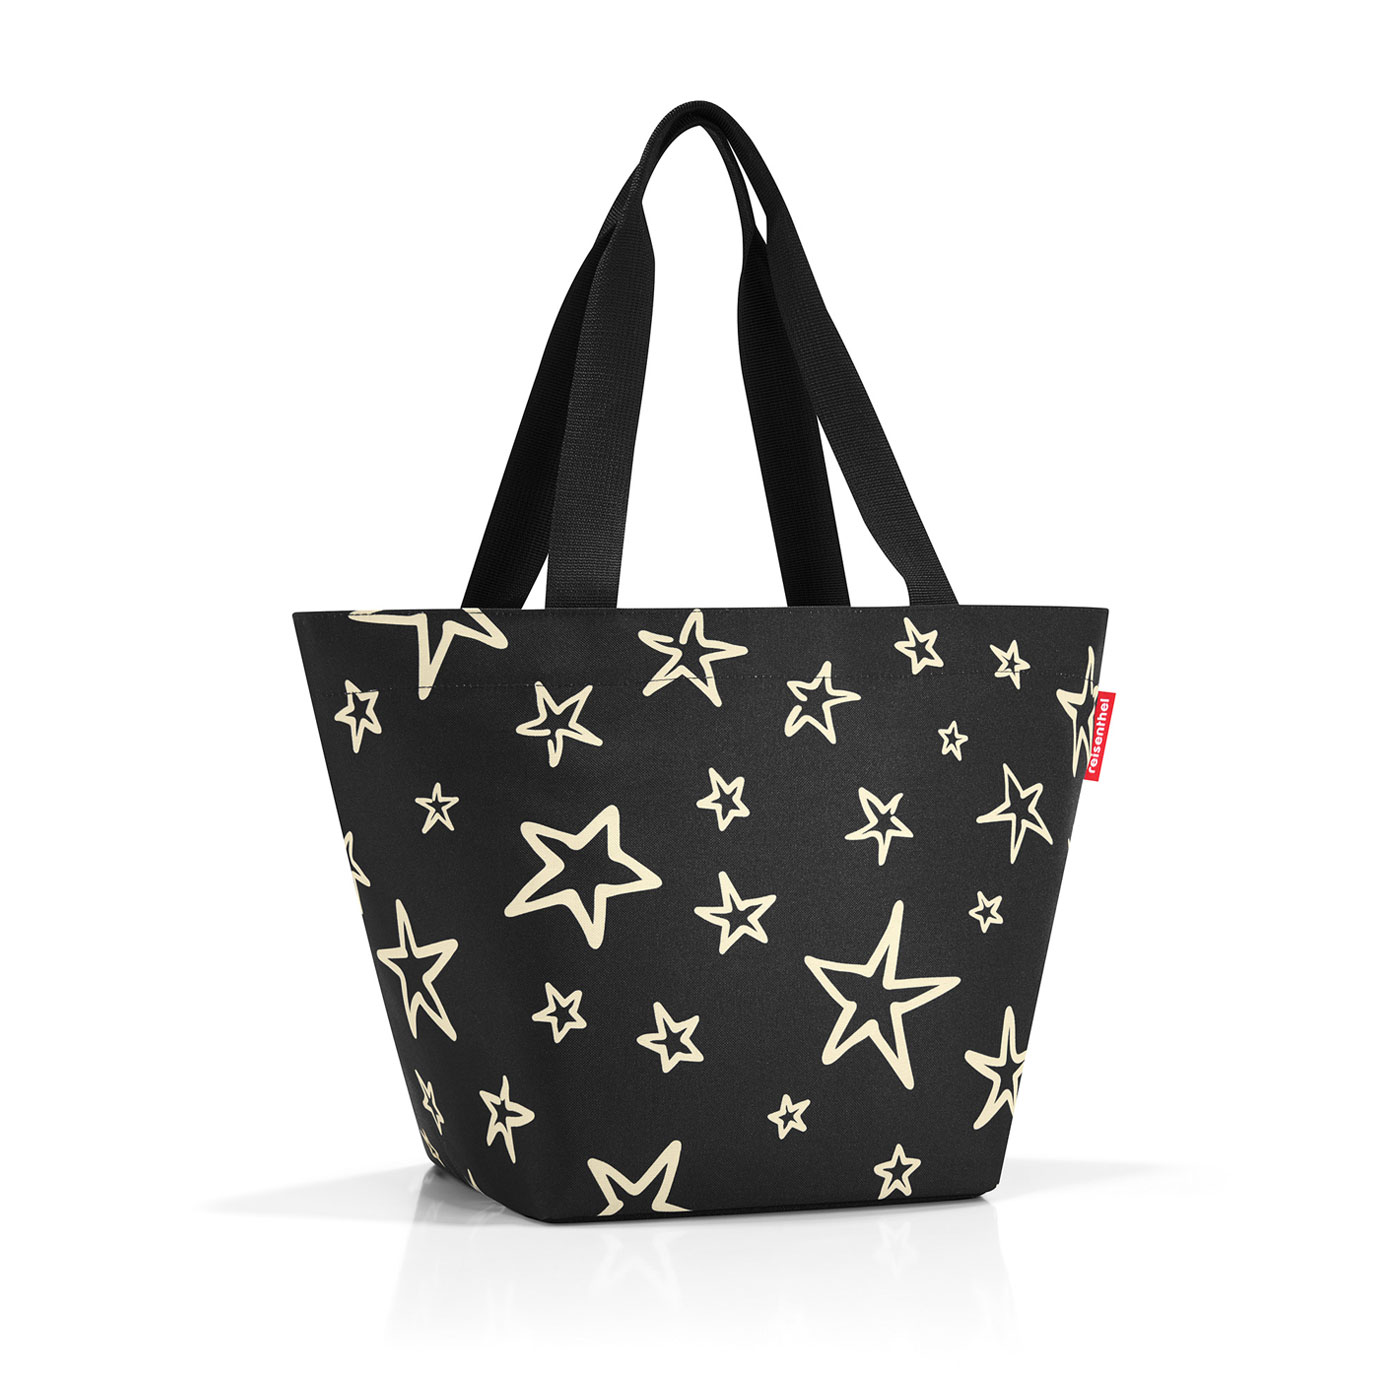 Reisenthel Shopper M stars Fekete Unisex Bevásárlótáska 95a4eb0f84